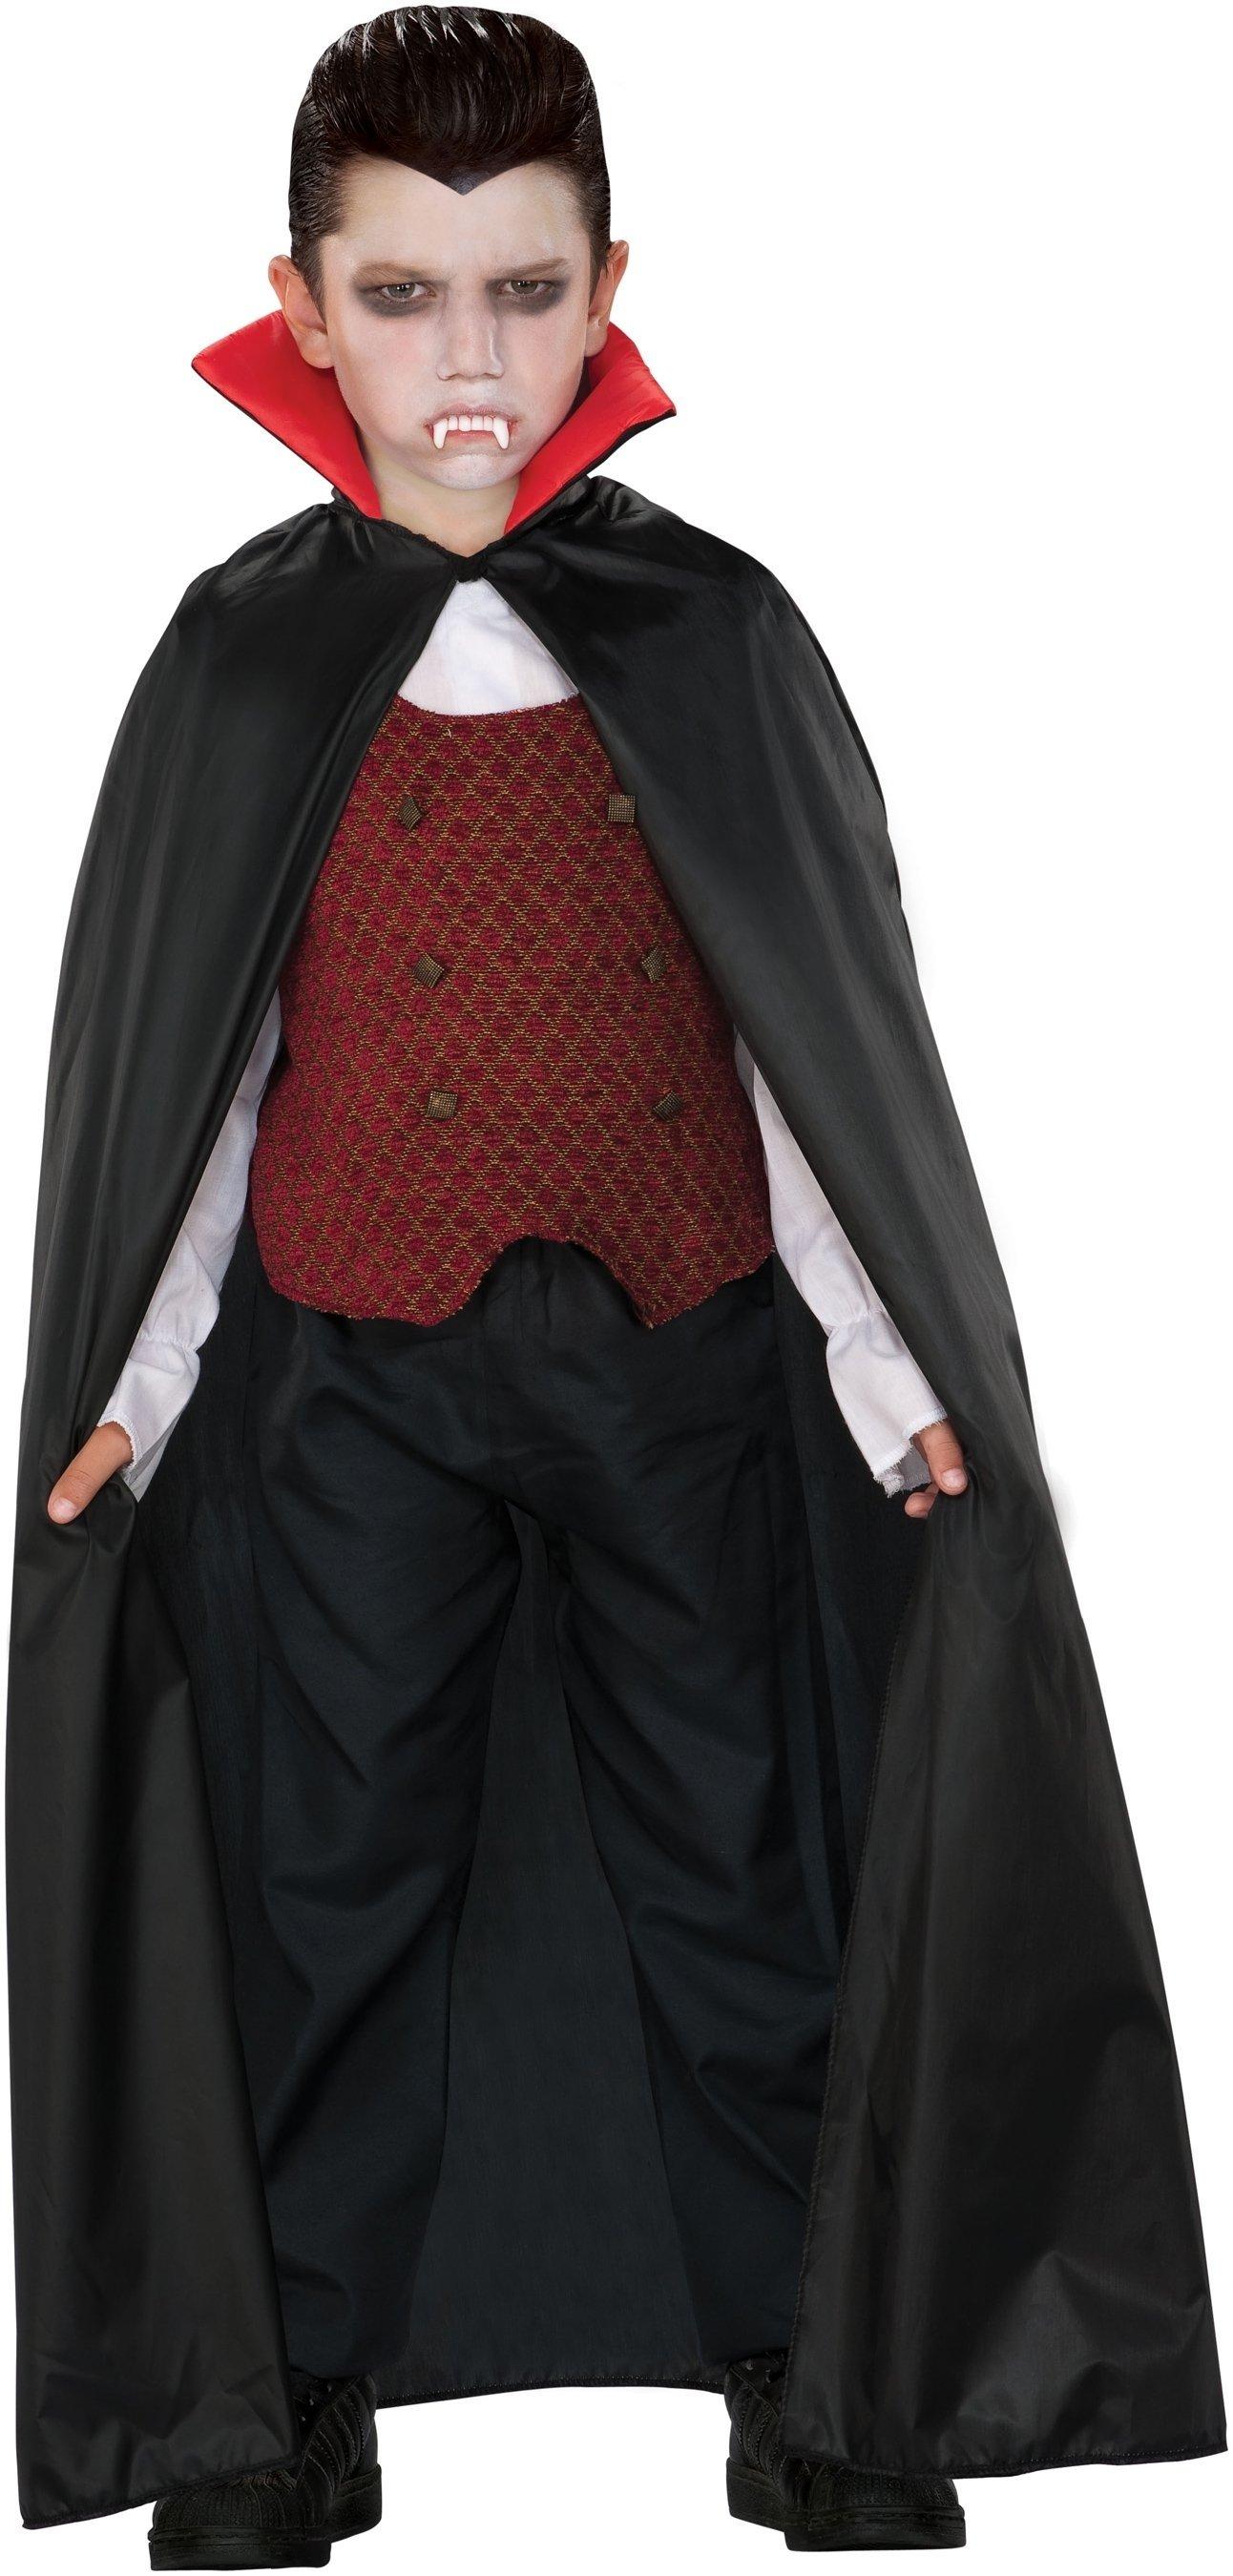 10 Great Kids Halloween Costume Ideas 2013 vampire cape child from buycostumes halloween costume ideas 1 2020